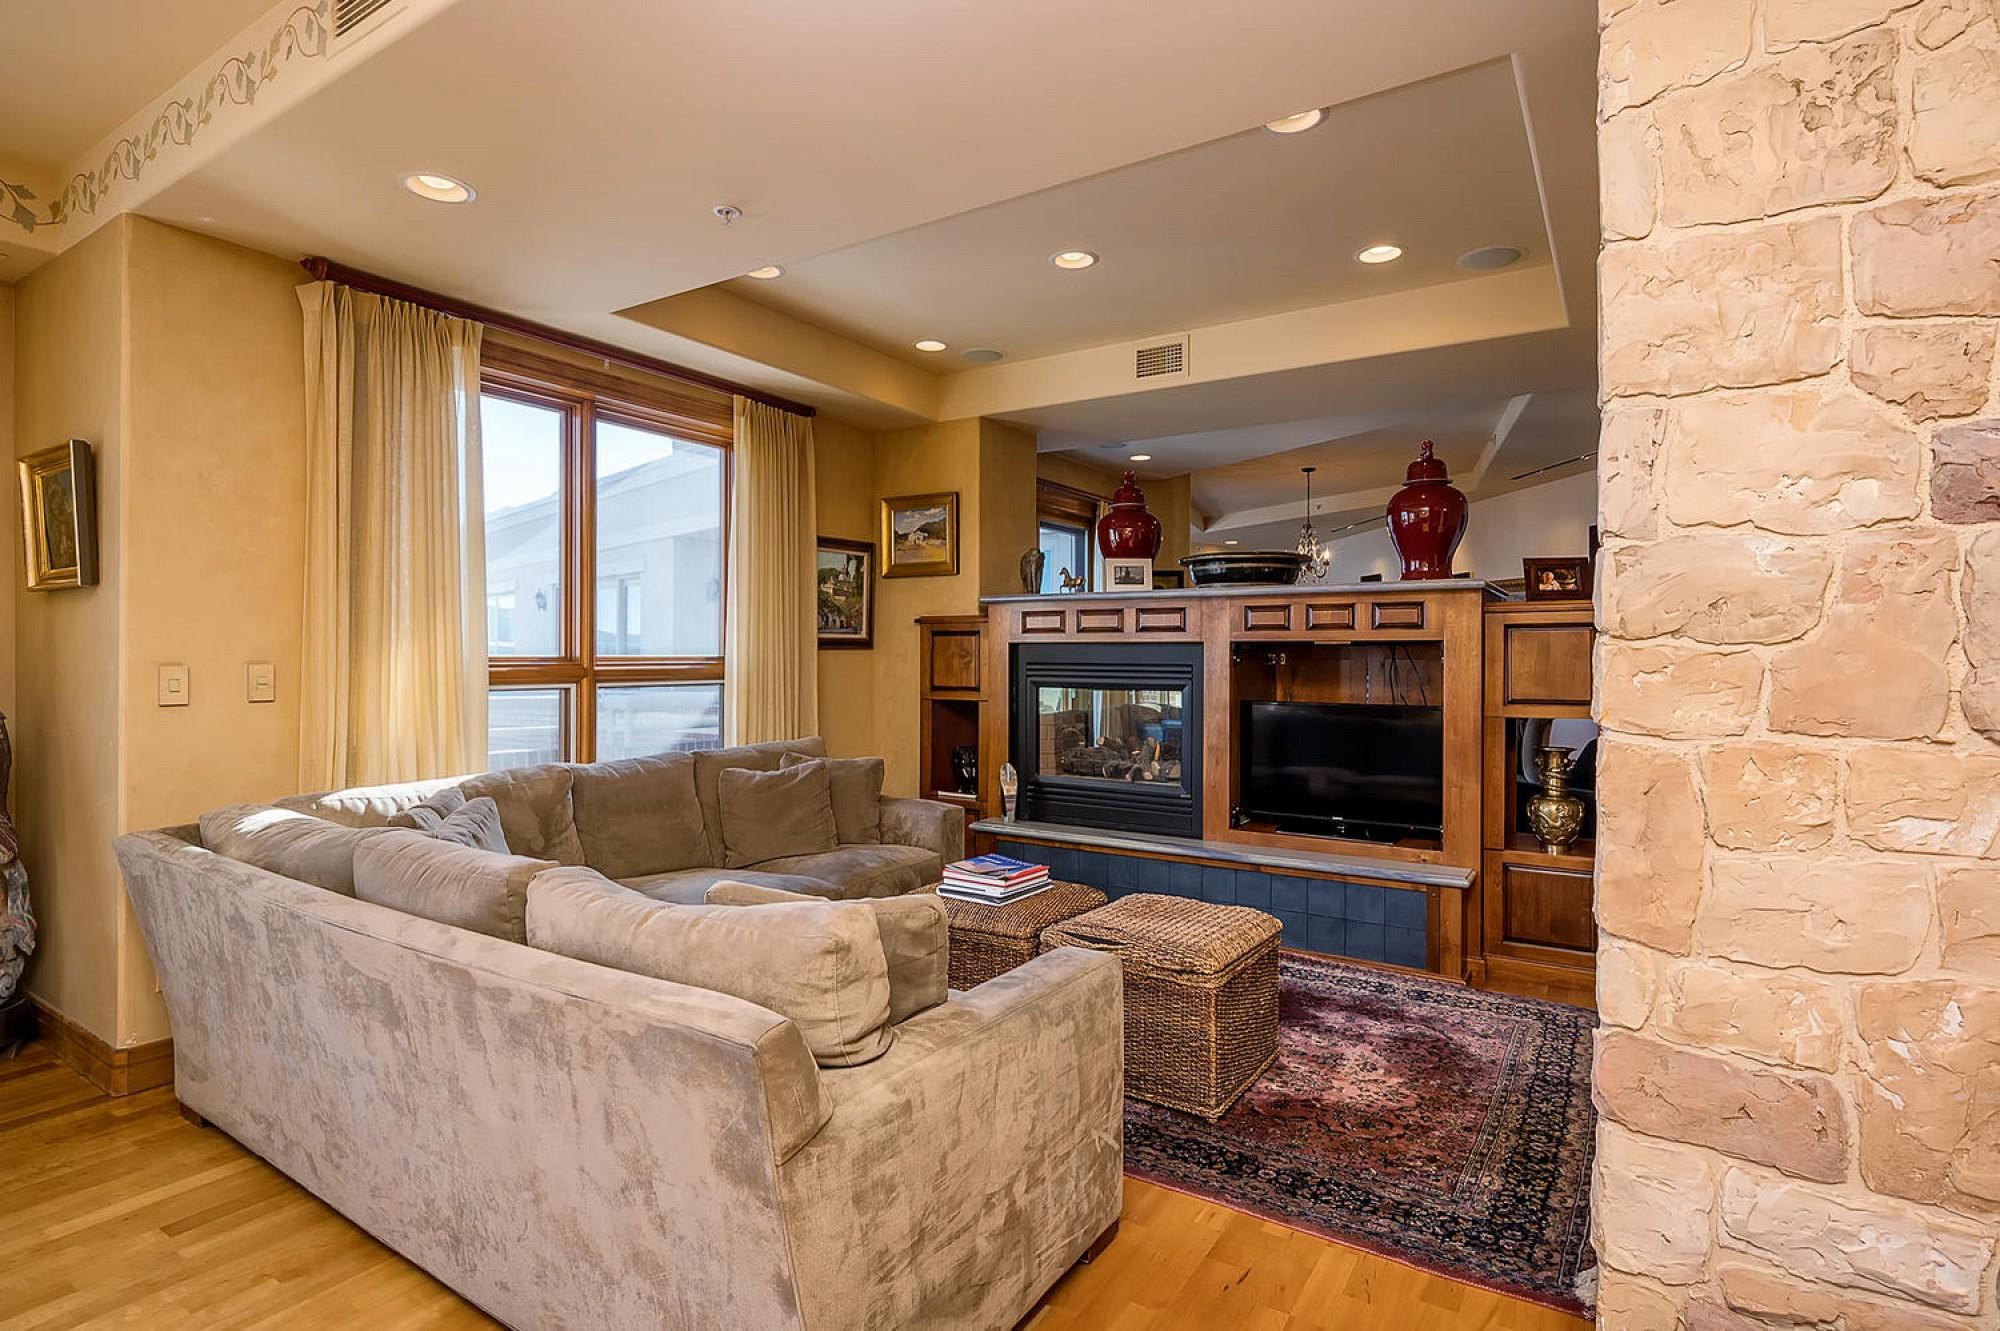 4875 S. Monaco Street #703, Denver, CO 80237